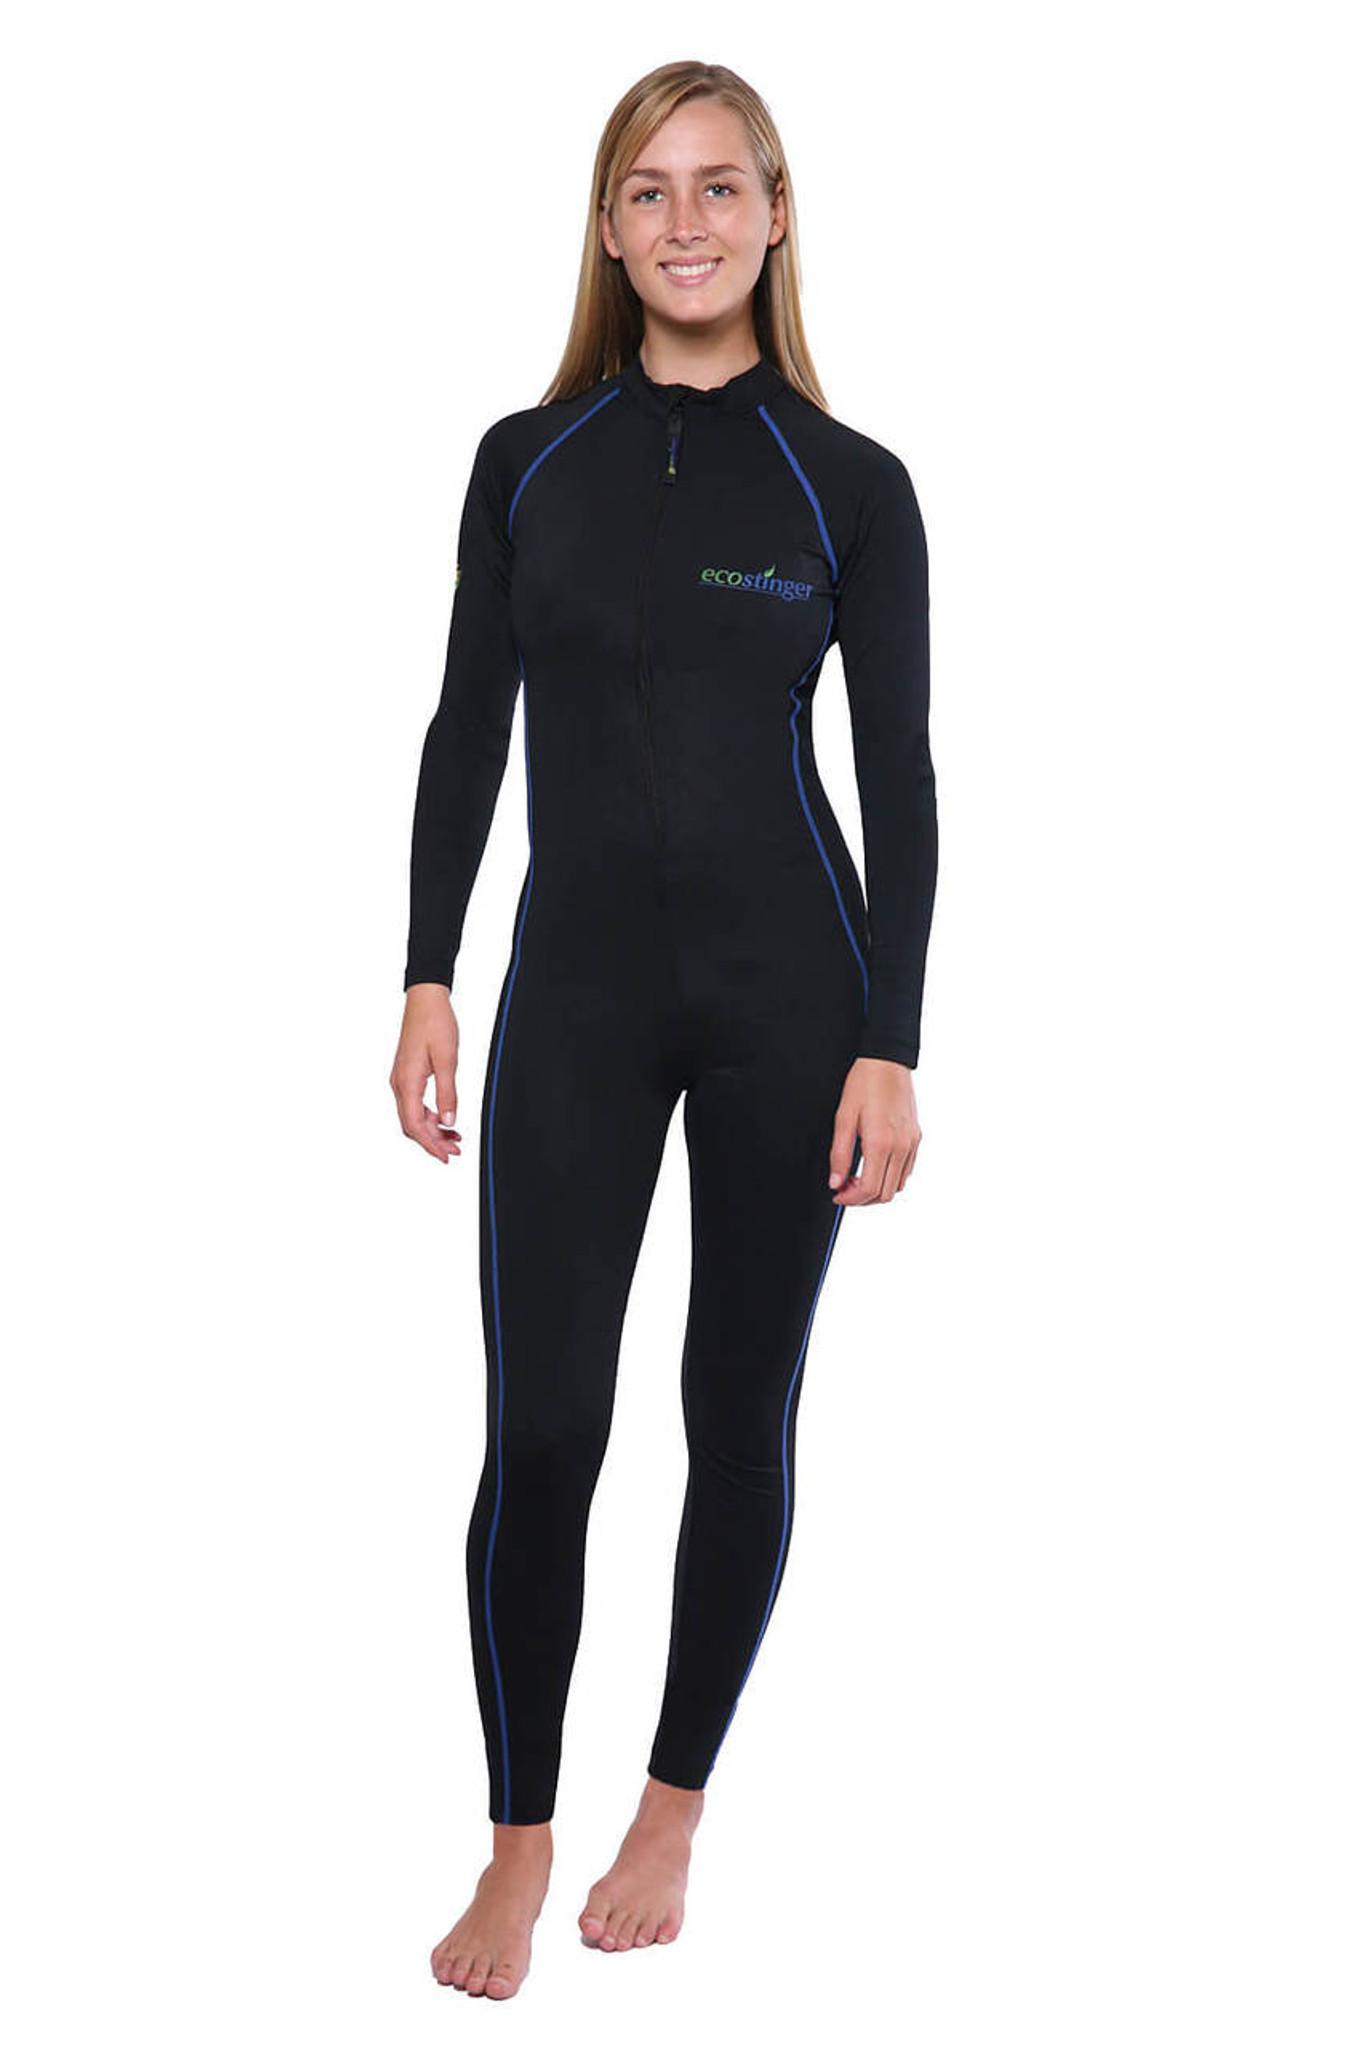 102a085455701 Women Full Bodysuit Swimwear UV Protection UPF50+ Black Royal (Chlorine  Resistant)